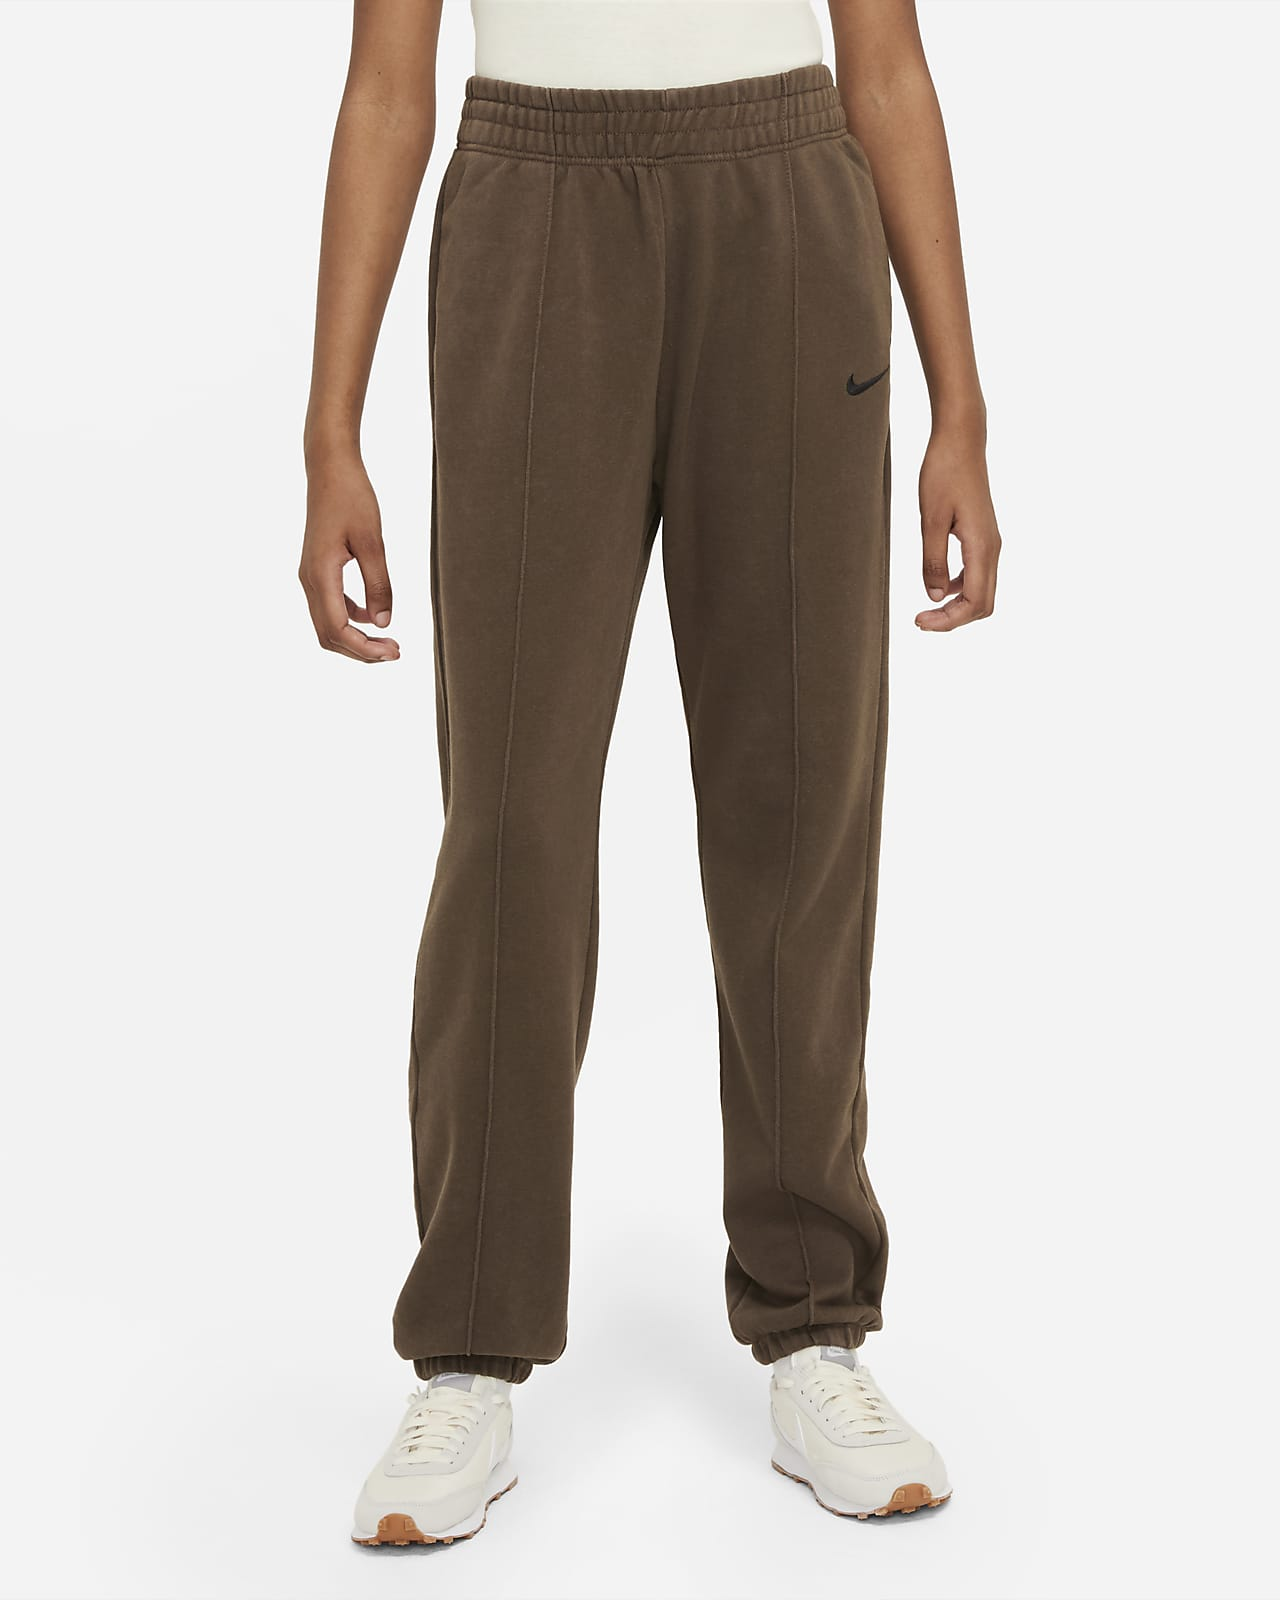 Calças de lã cardada com efeito lavado Nike Sportswear Essential Collection para mulher